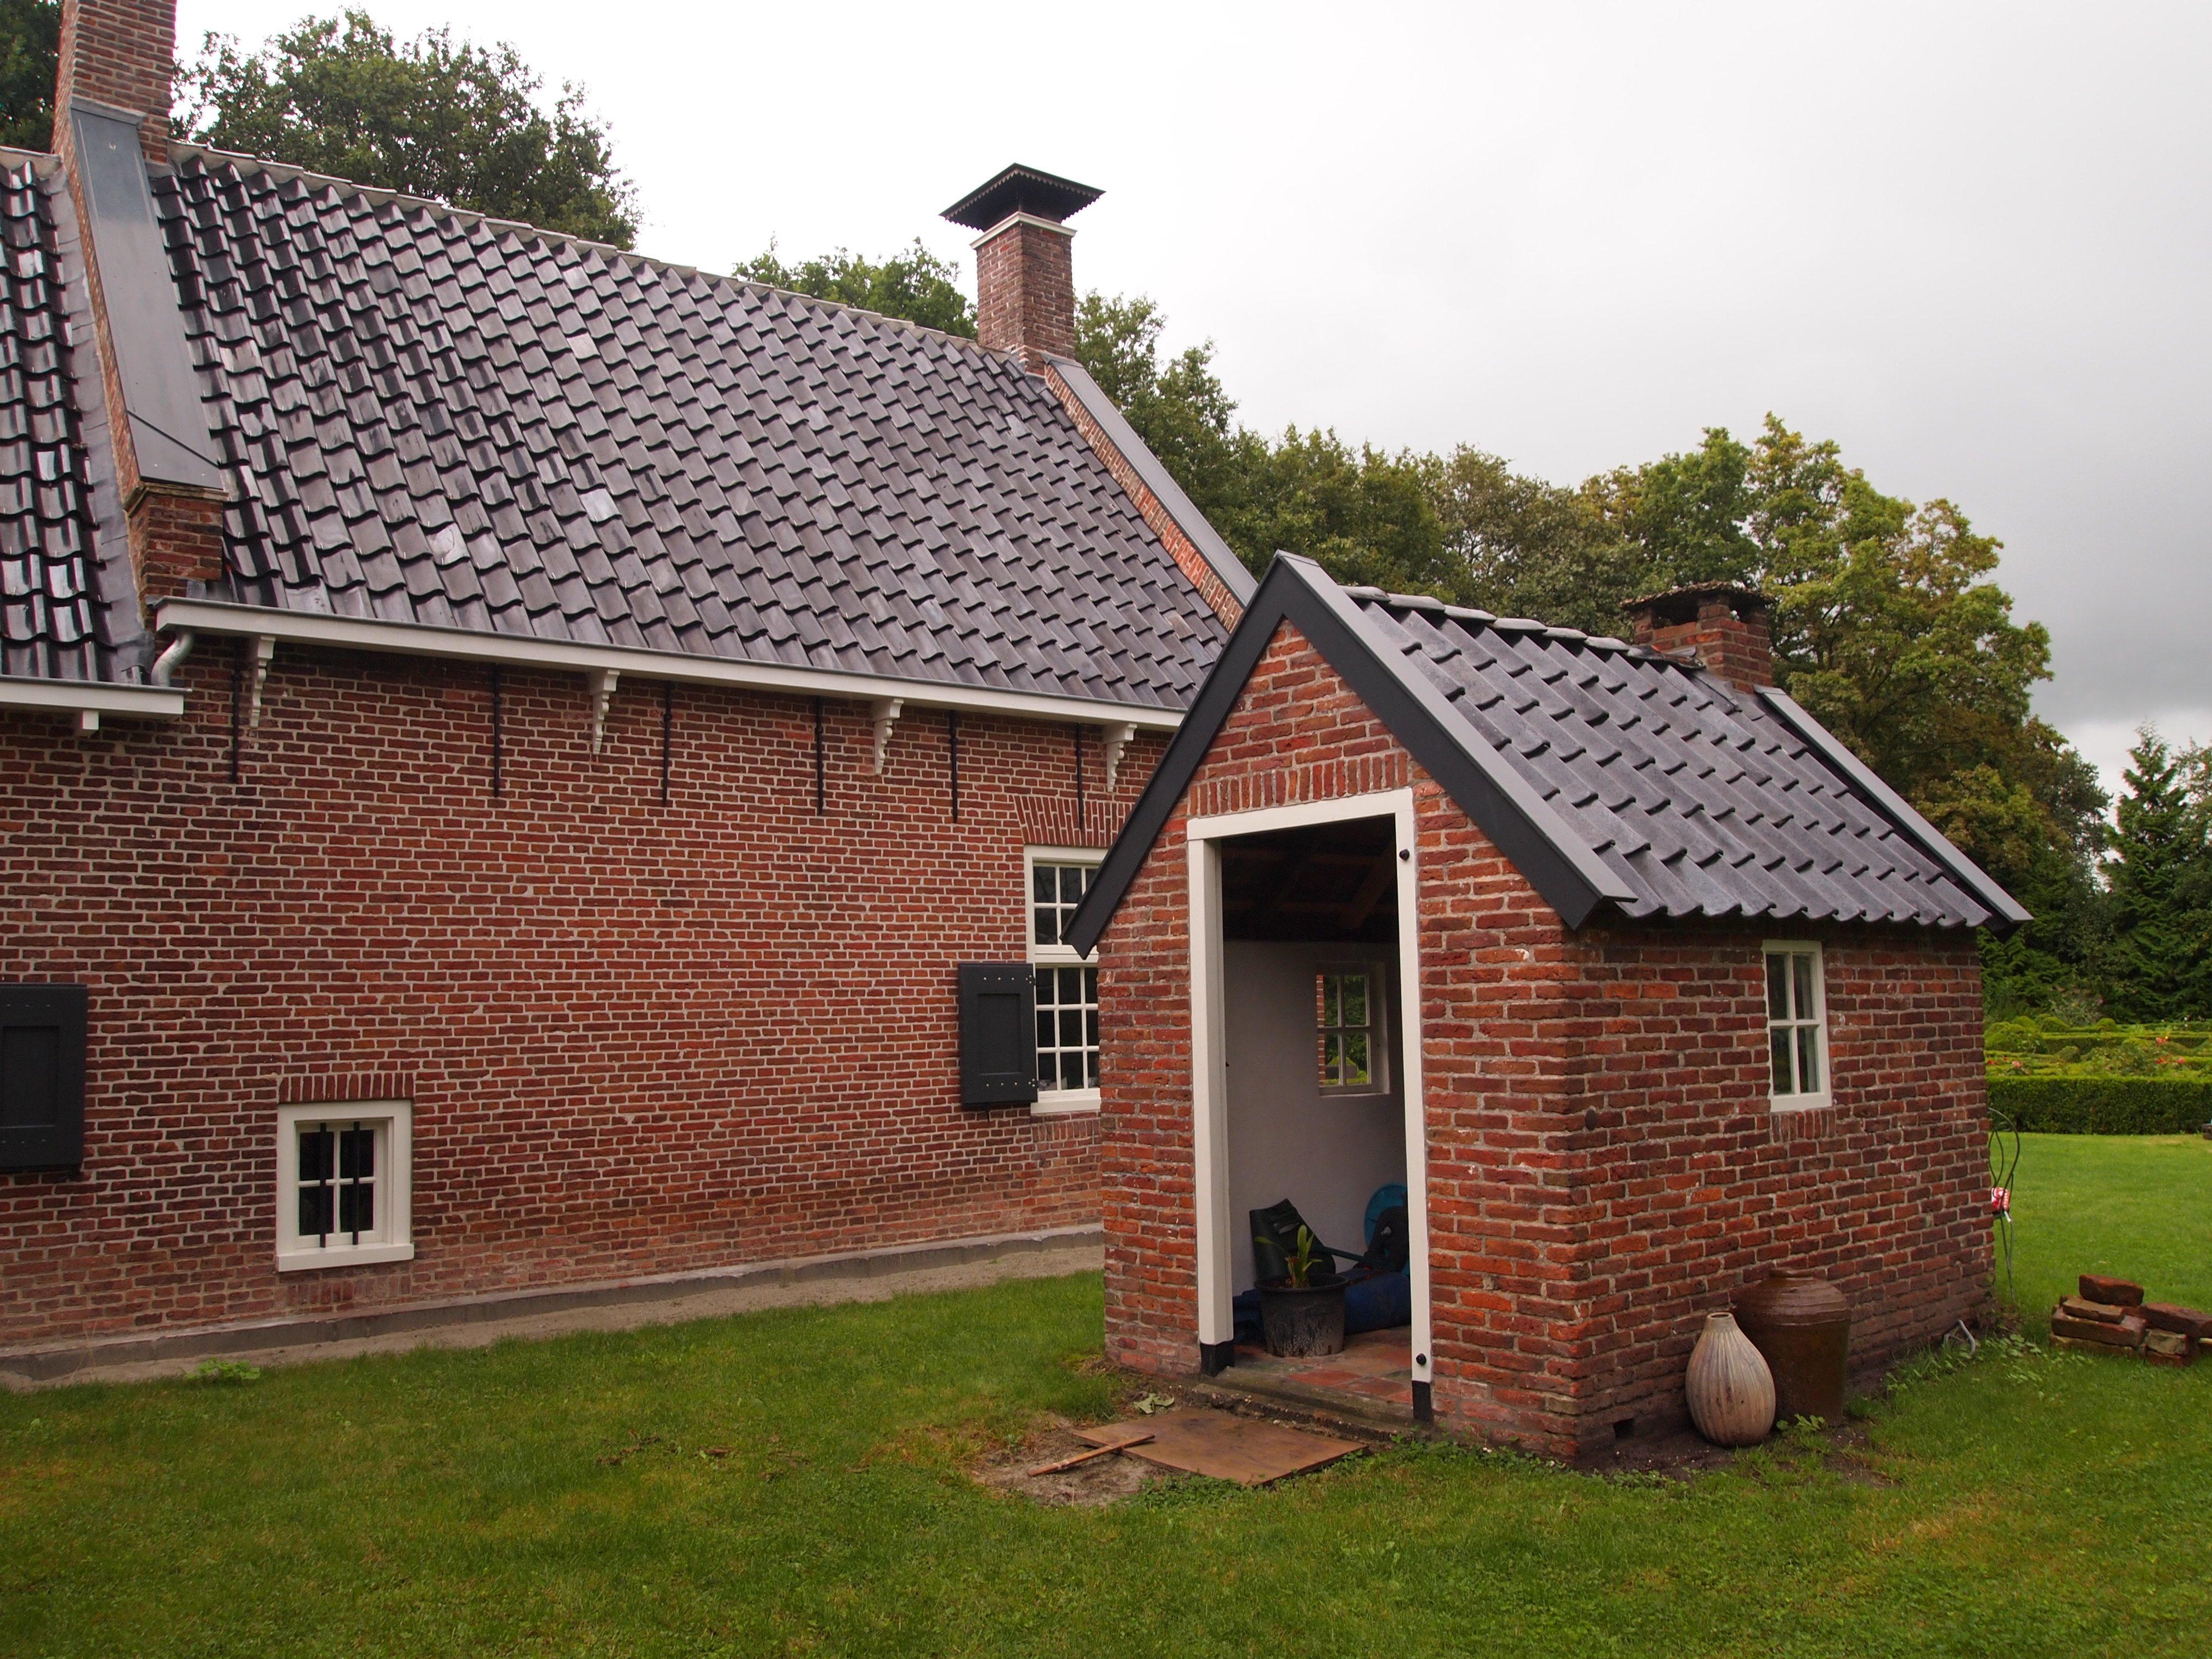 De Oude Boerderij : De stookhut naast de oude boerderij drogeham friesland